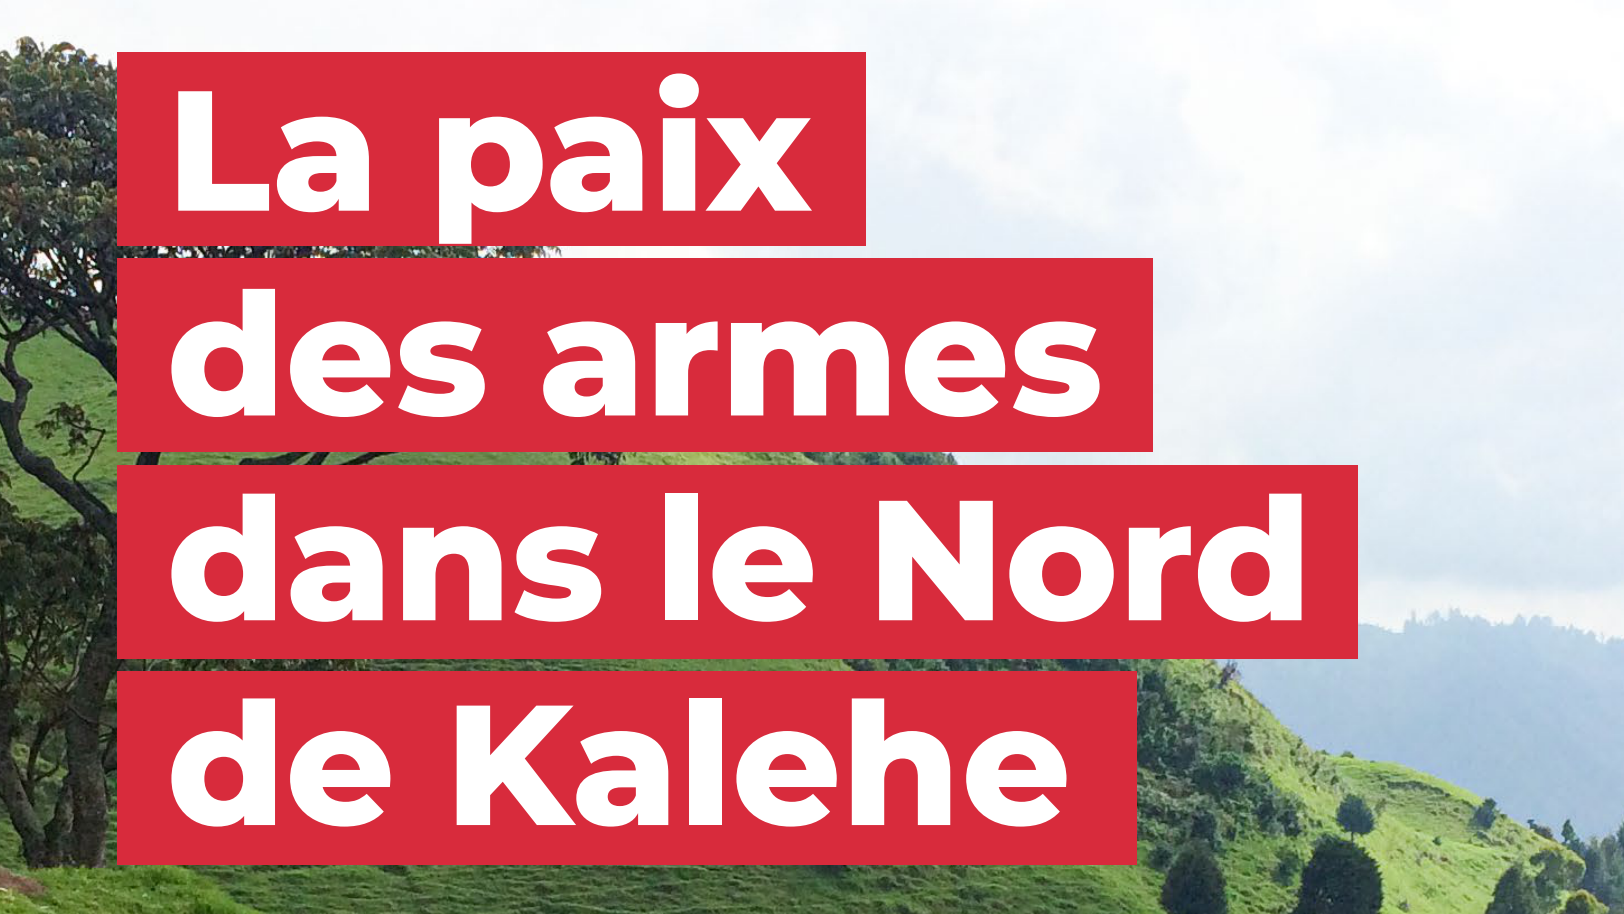 La paix des armes dans le Nord de Kalehe